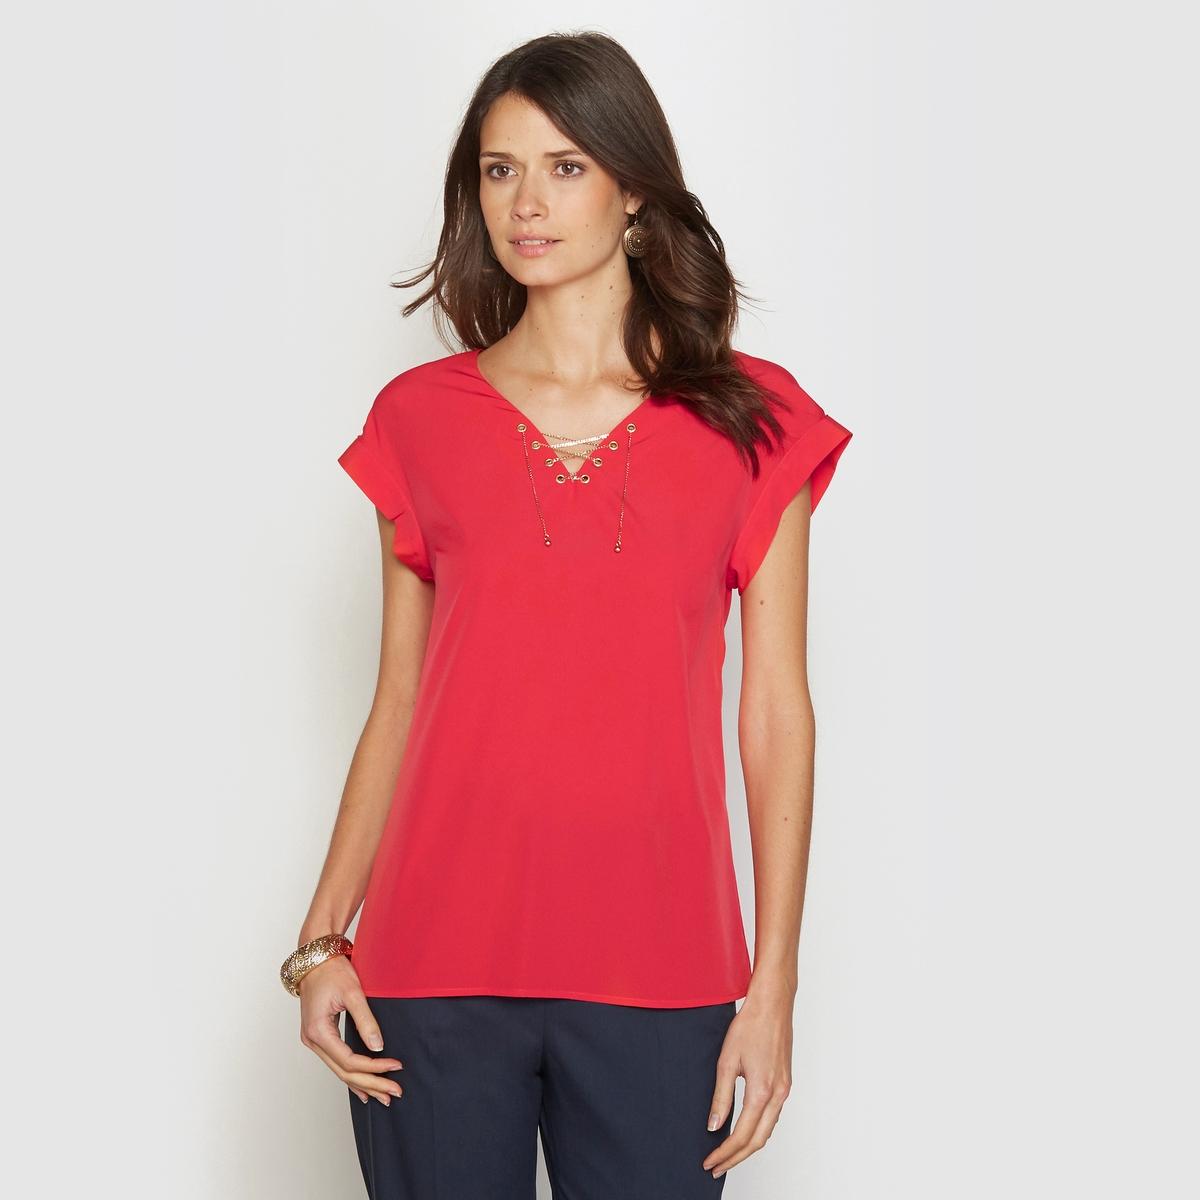 Блузка оригинальнаяОригинальная блузка. V-образный вырез с декоративной плетеной цепочкой. Короткие рукава с отворотами. Вставка на плечах подчеркнута складками. Длина ок. 62 см. Красивый креп, 100% полиэстера.<br><br>Цвет: красный<br>Размер: 44 (FR) - 50 (RUS)